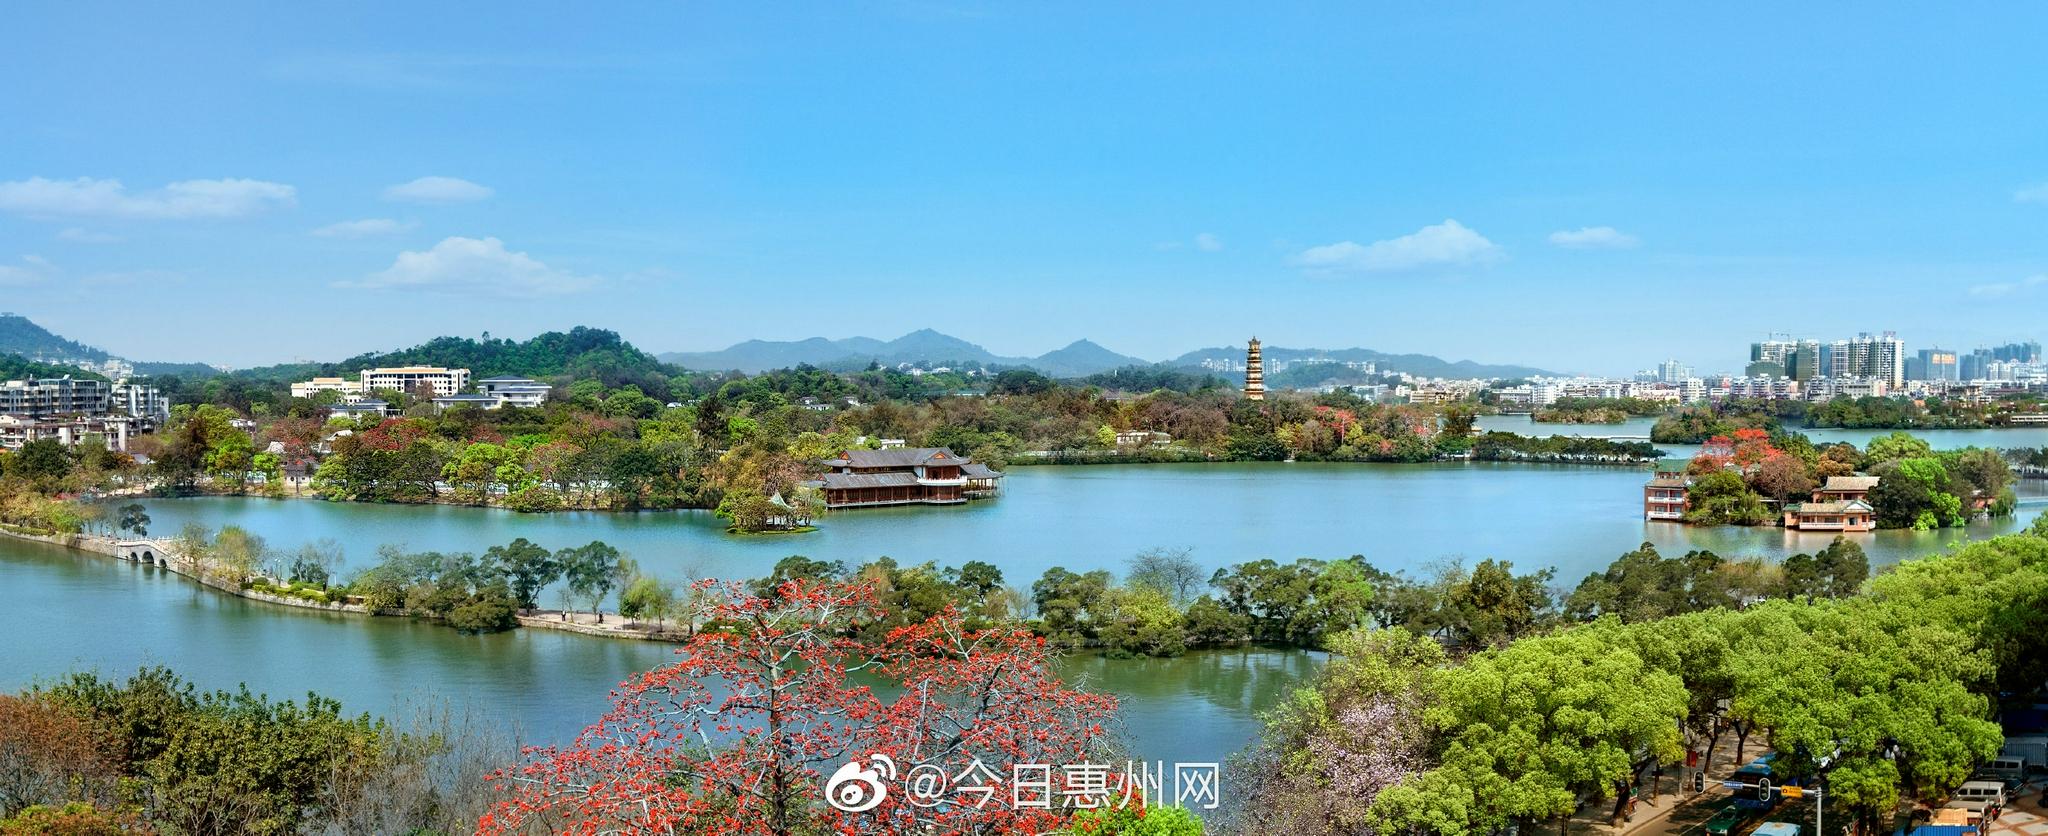 惠州西湖景区实行分时段预约入园